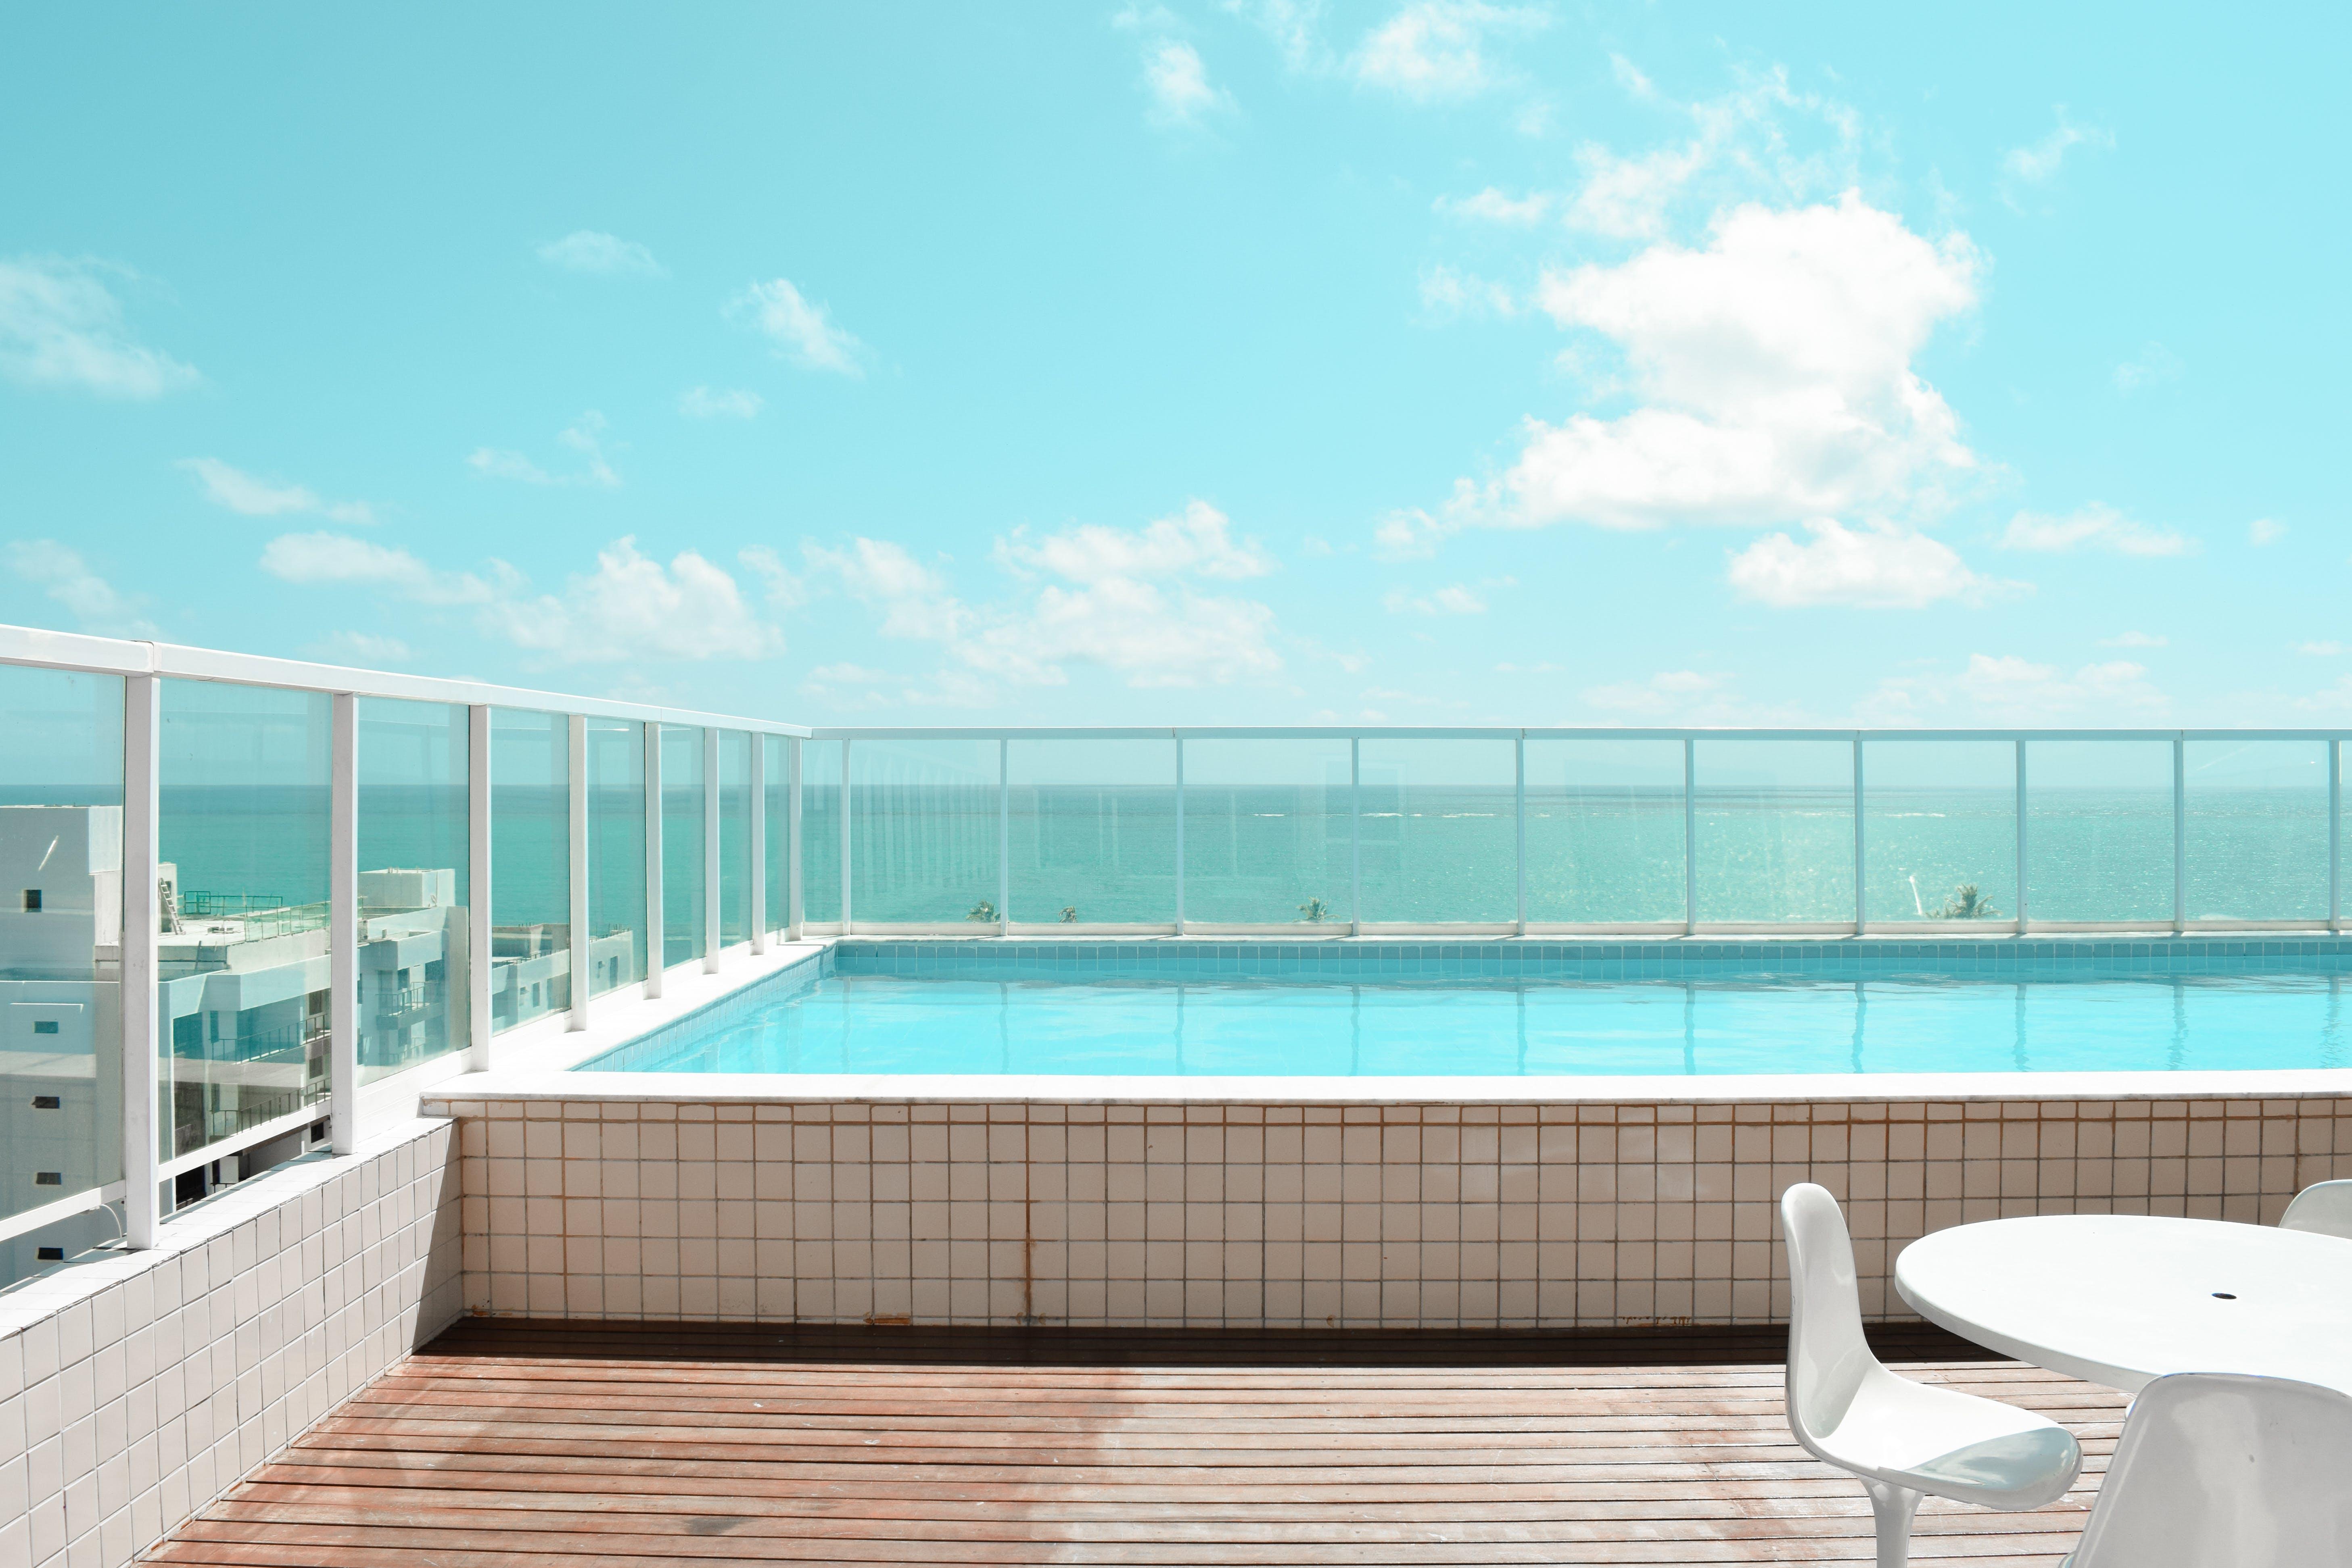 Fotos de stock gratuitas de billar, centro turístico, piscina